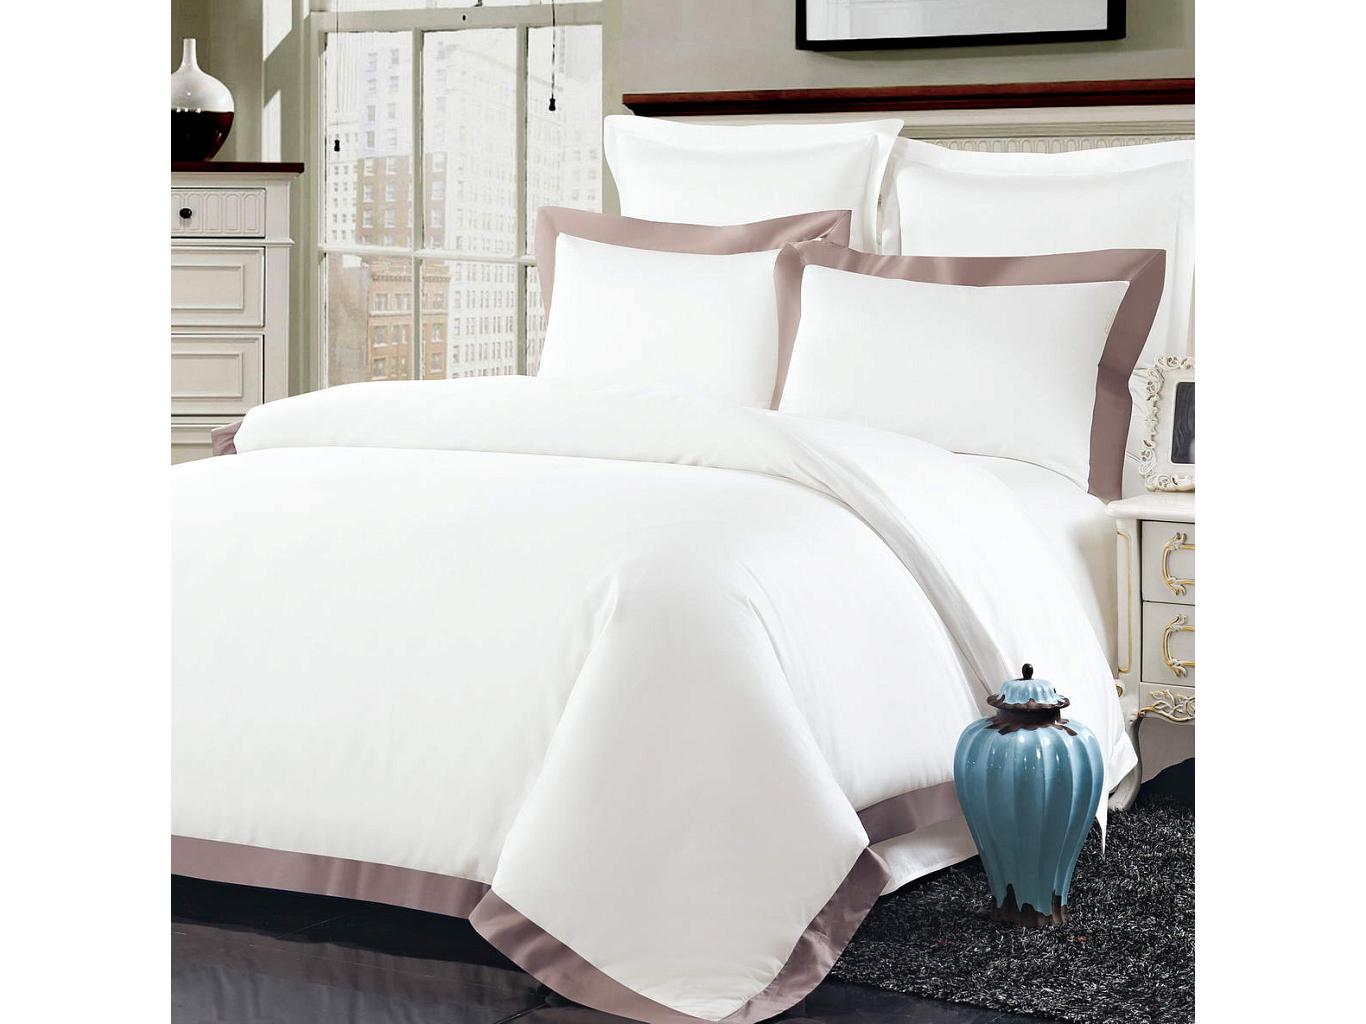 Комплект постельного белья МортеллоПолутороспальные комлпекты постельного белья<br>&amp;lt;div&amp;gt;Великолепный белоснежный комплект из хлопка станет настоящим украшением для Вашей спальни. Наволочки с декоративными &amp;quot;ушками&amp;quot; пастельных цветов смотрятся необыкновенно стильно. Хлопковая нить сплетается определенным способом, это позволяет получить высокую плотность ткани, не теряя при этом мягкости.&amp;amp;nbsp;&amp;lt;/div&amp;gt;&amp;lt;div&amp;gt;&amp;lt;br&amp;gt;&amp;lt;/div&amp;gt;&amp;lt;div&amp;gt;Комплектация:&amp;amp;nbsp;&amp;lt;/div&amp;gt;&amp;lt;div&amp;gt;Пододеяльник: 160х220 см(1 шт.);&amp;amp;nbsp;&amp;lt;/div&amp;gt;&amp;lt;div&amp;gt;Простыня: 160х230 см(1 шт.);&amp;amp;nbsp;&amp;lt;/div&amp;gt;&amp;lt;div&amp;gt;Наволочки: 50х70 см(2 шт.)&amp;amp;nbsp;&amp;lt;/div&amp;gt;&amp;lt;div&amp;gt;Состав: 100% хлопок&amp;lt;/div&amp;gt;<br><br>Material: Текстиль<br>Ширина см: 160.0<br>Глубина см: 230.0